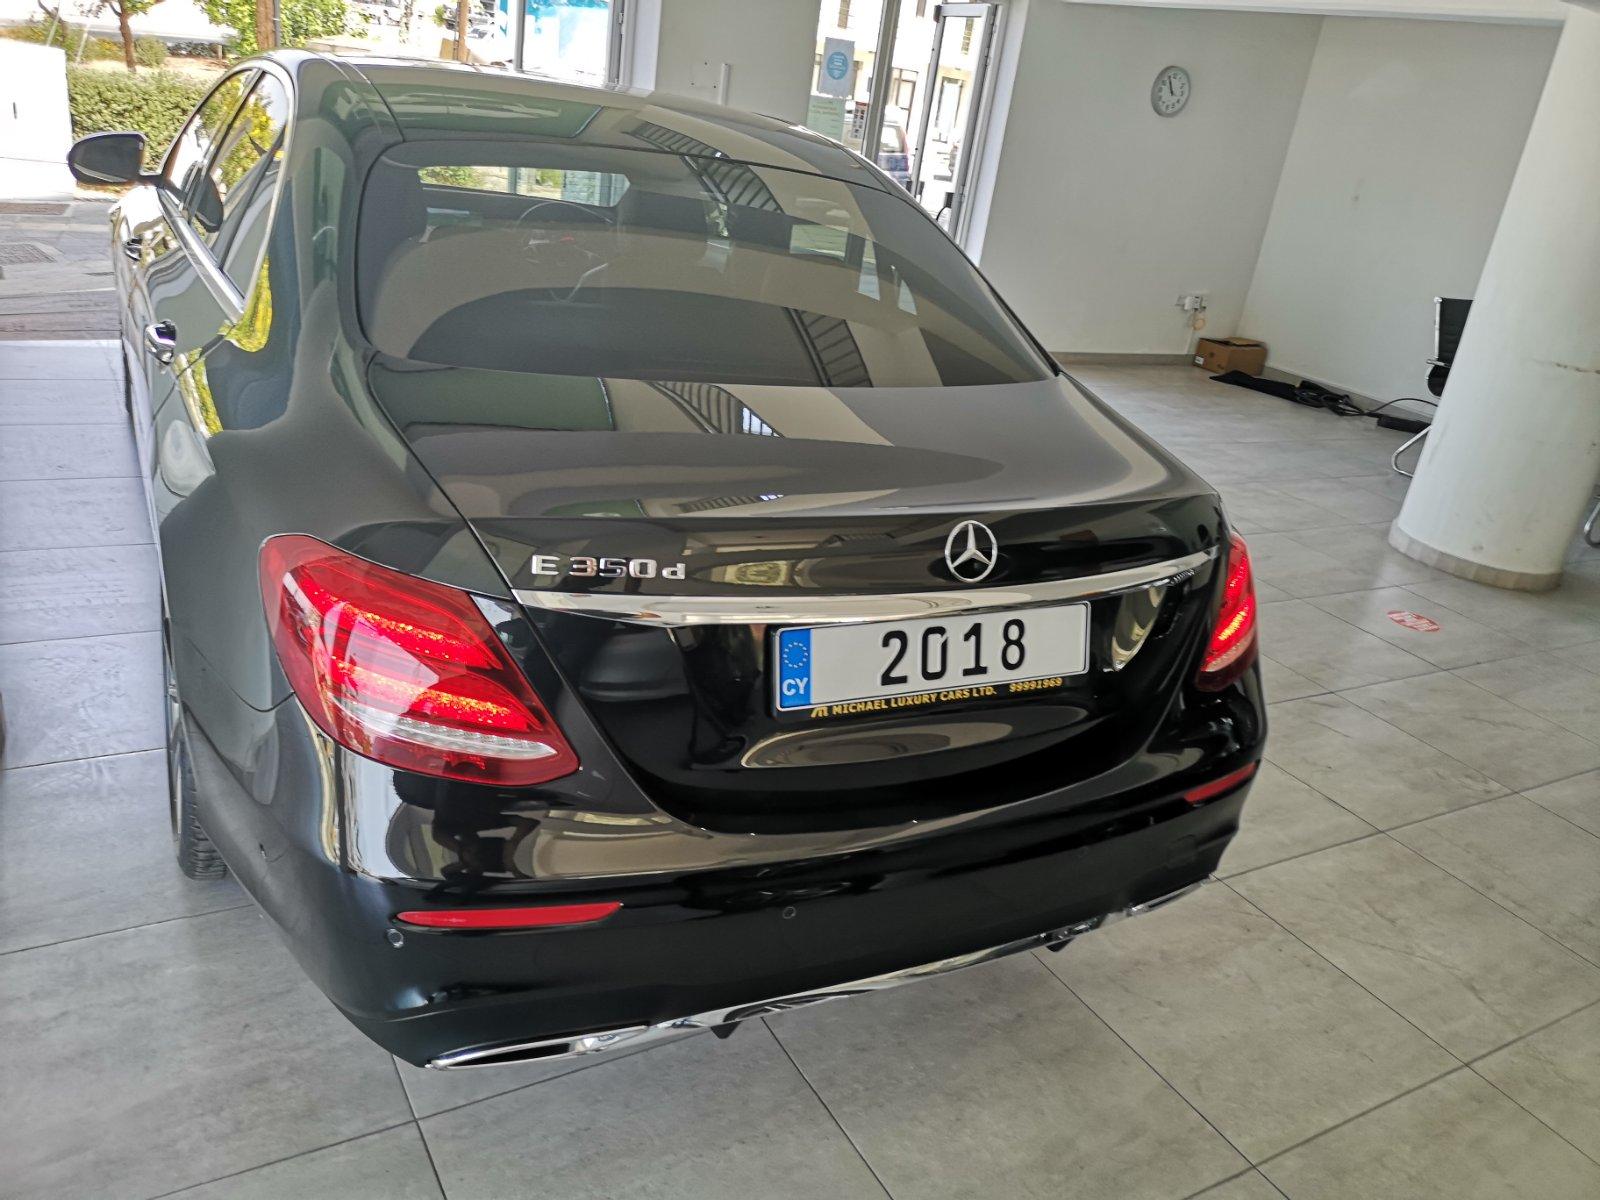 Mercedes E 350 Premium Plus AMG 2018